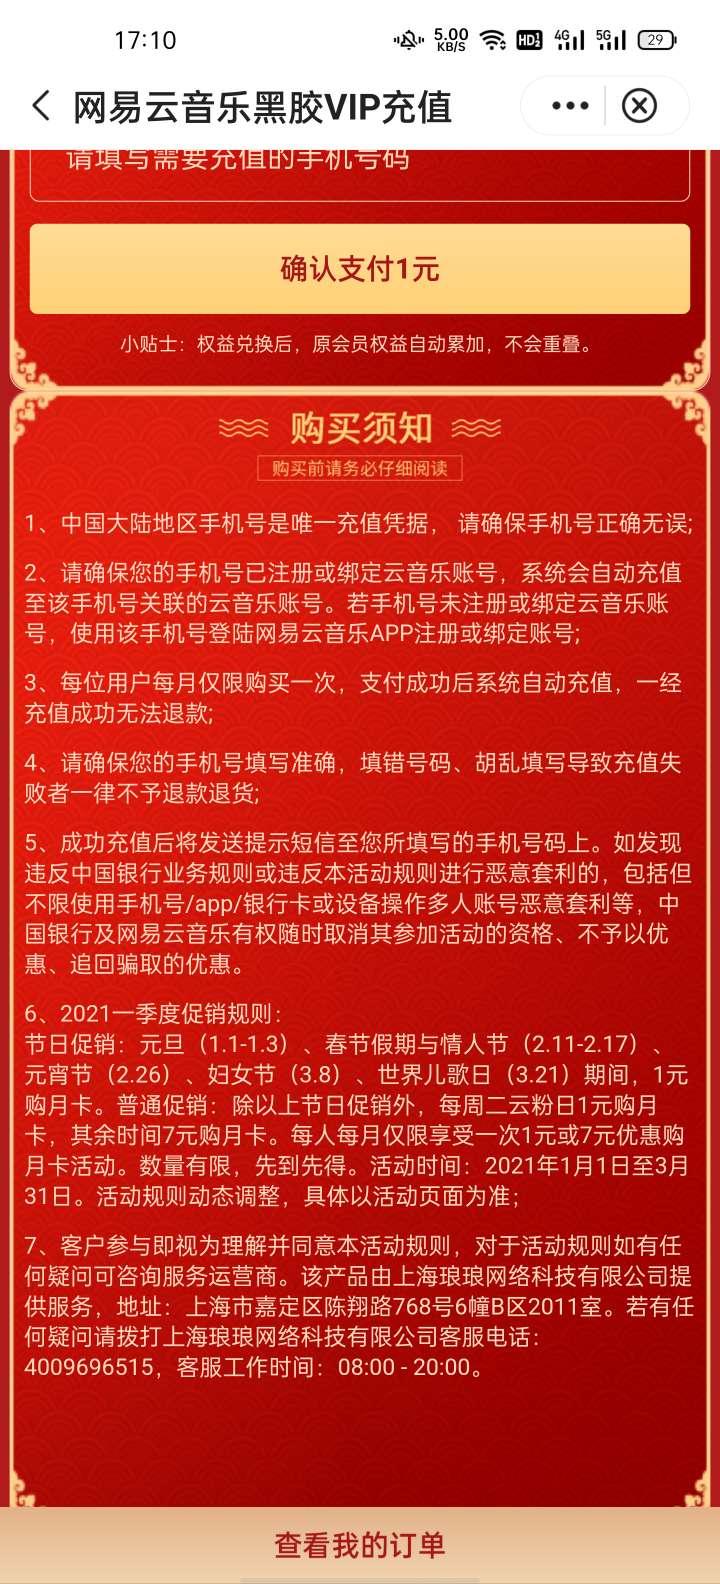 中国银行一元购网易云会员一个月插图2